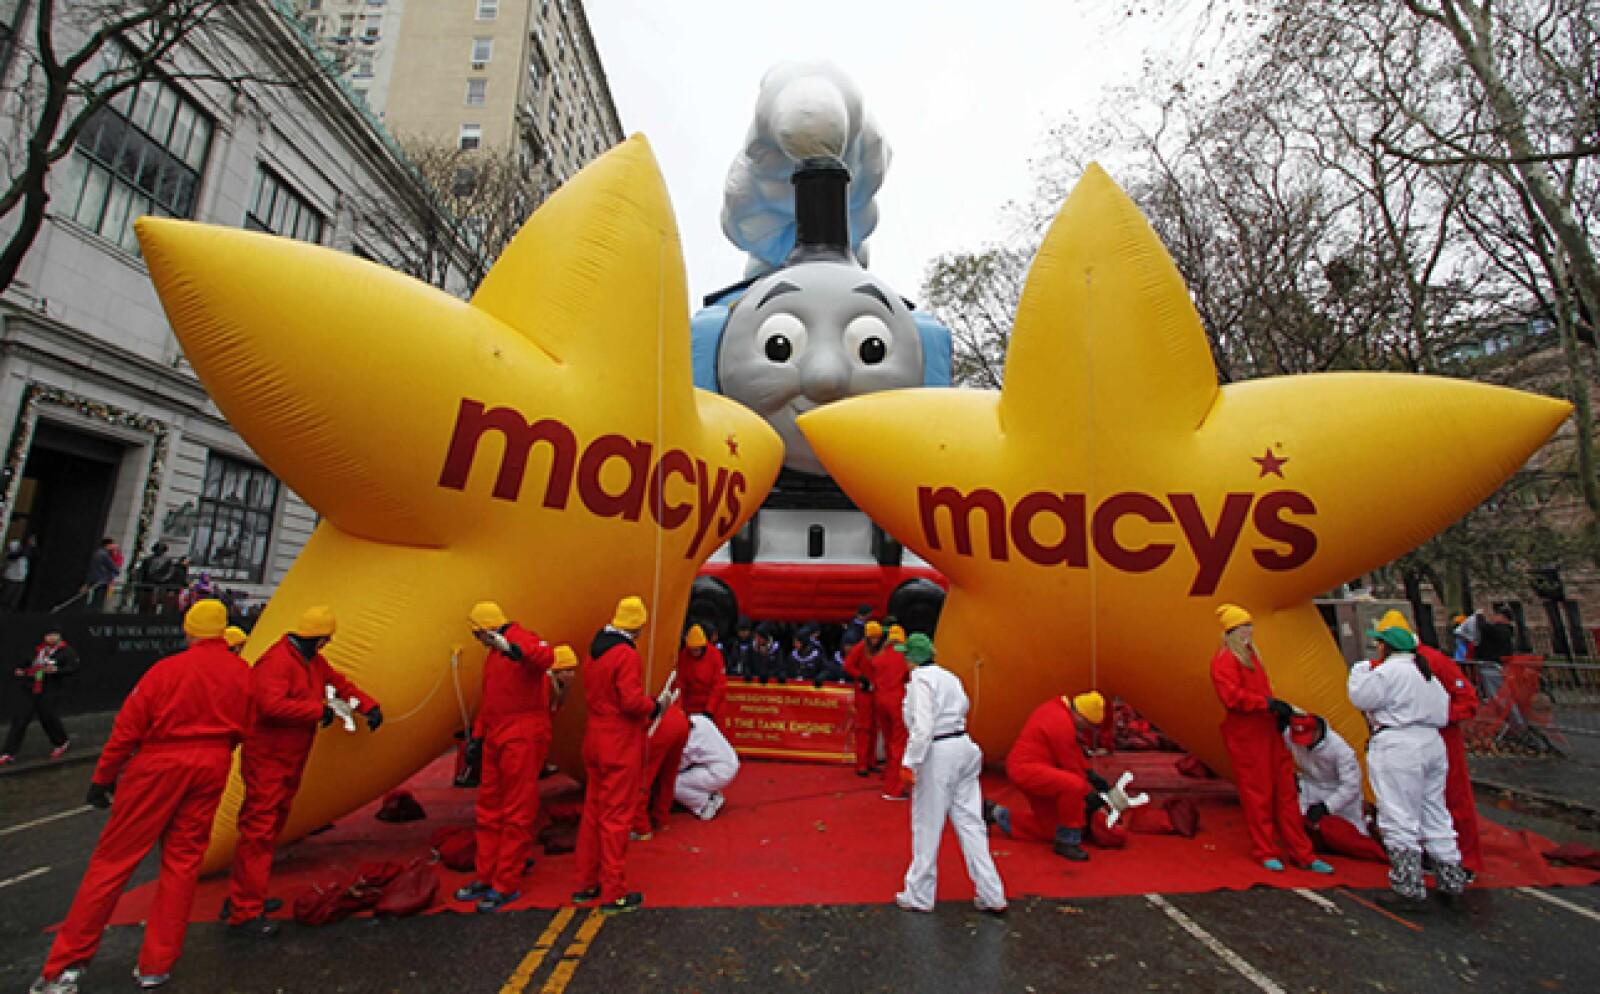 El desfile de Acción de Gracias del gigante minorista Macy's tiene 90 años.